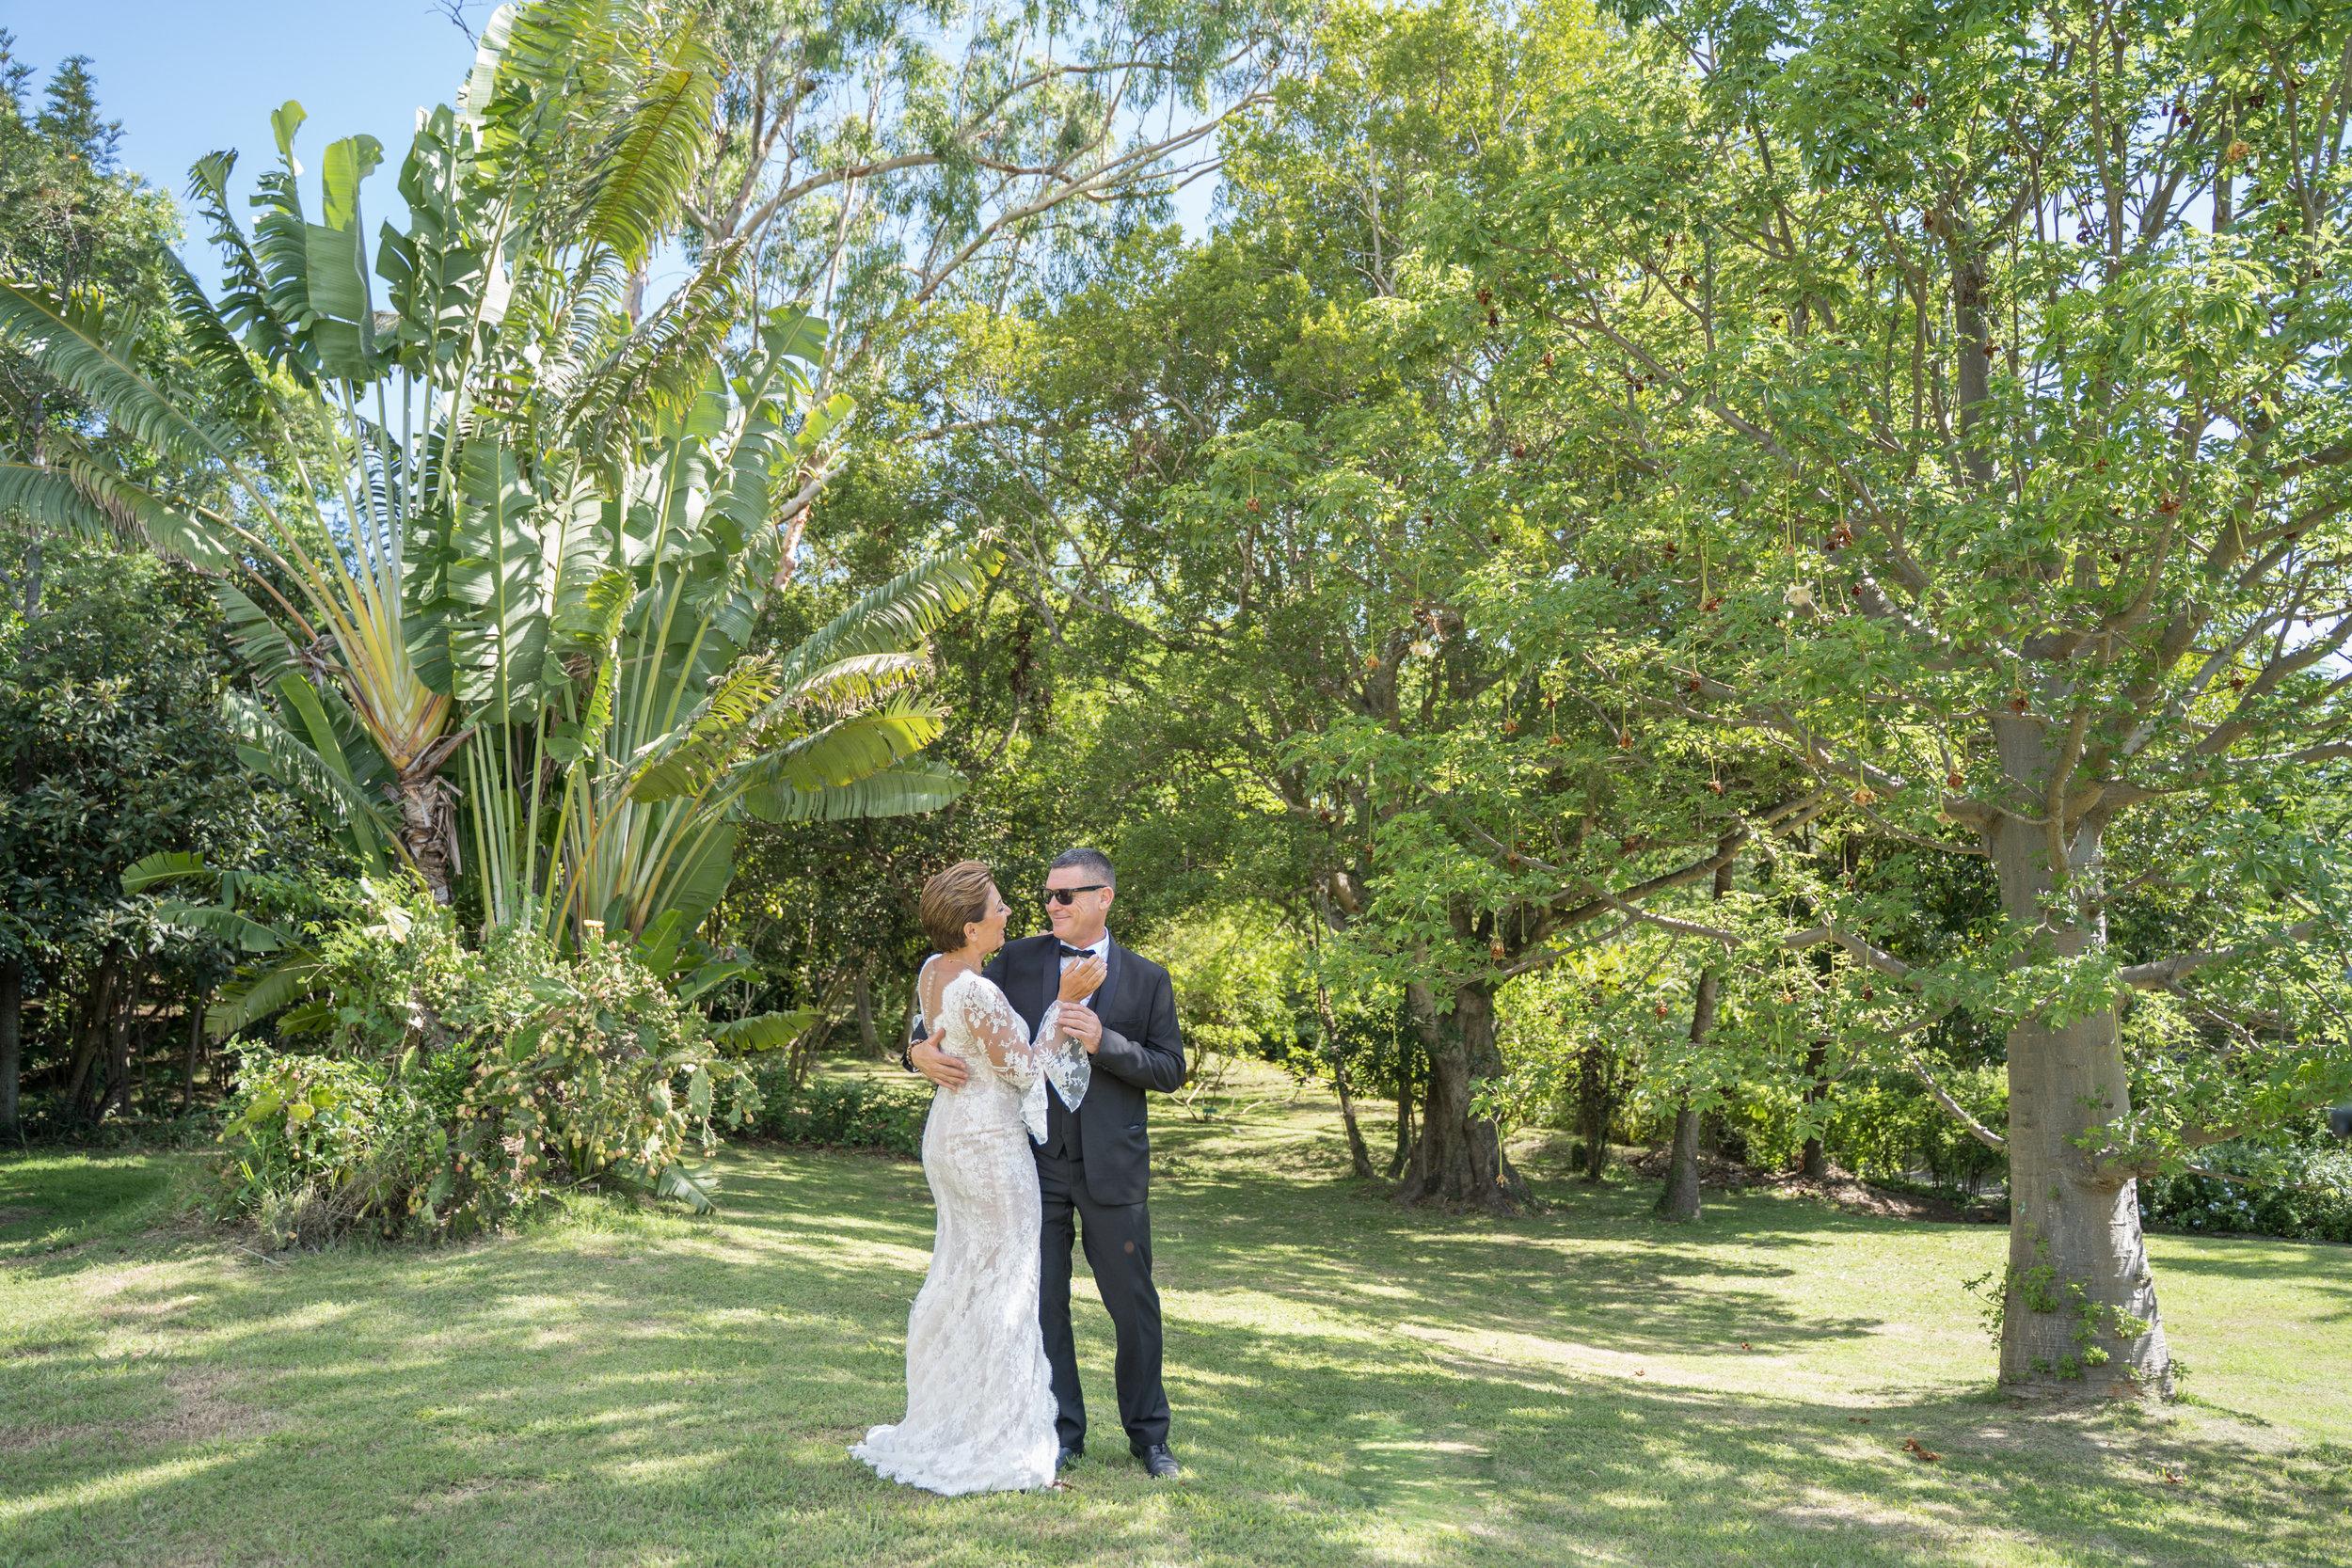 MRevenement organisation de mariage à la Réunion _ Mariage de B et JC (13).jpg